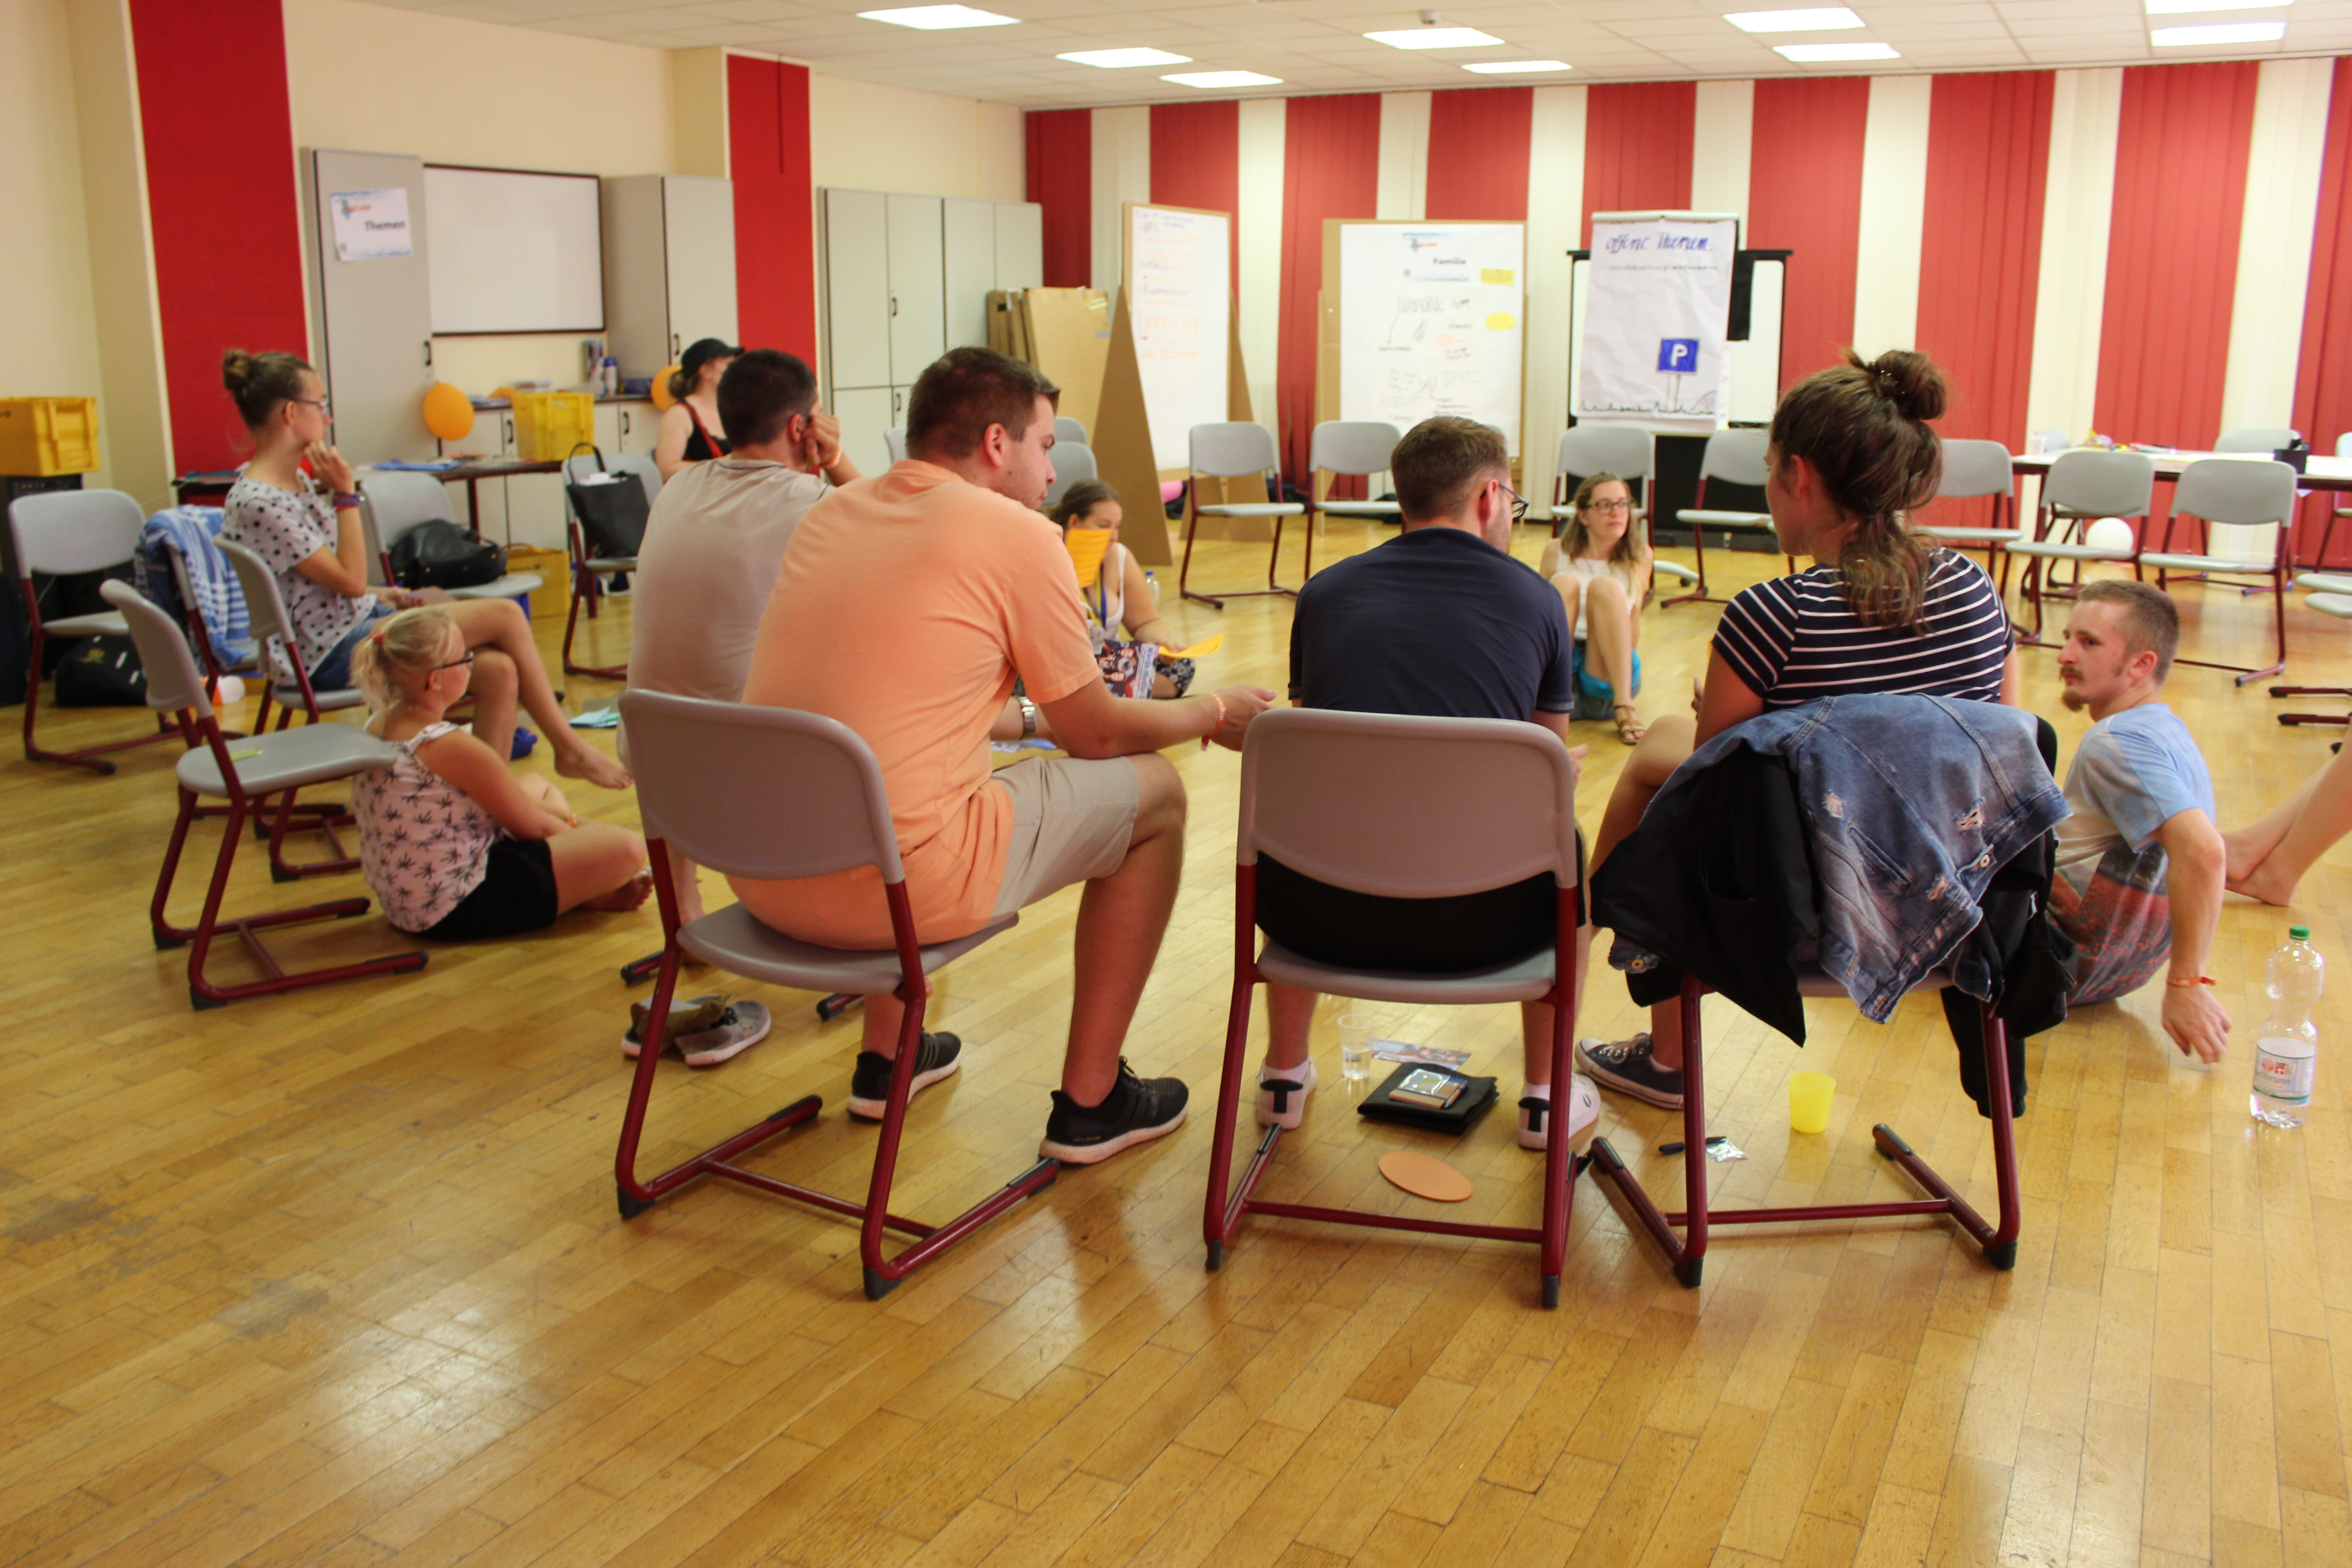 In einer Gruppendiskussion wurden letzten Themen besprochen und die Woche ausgewertet.